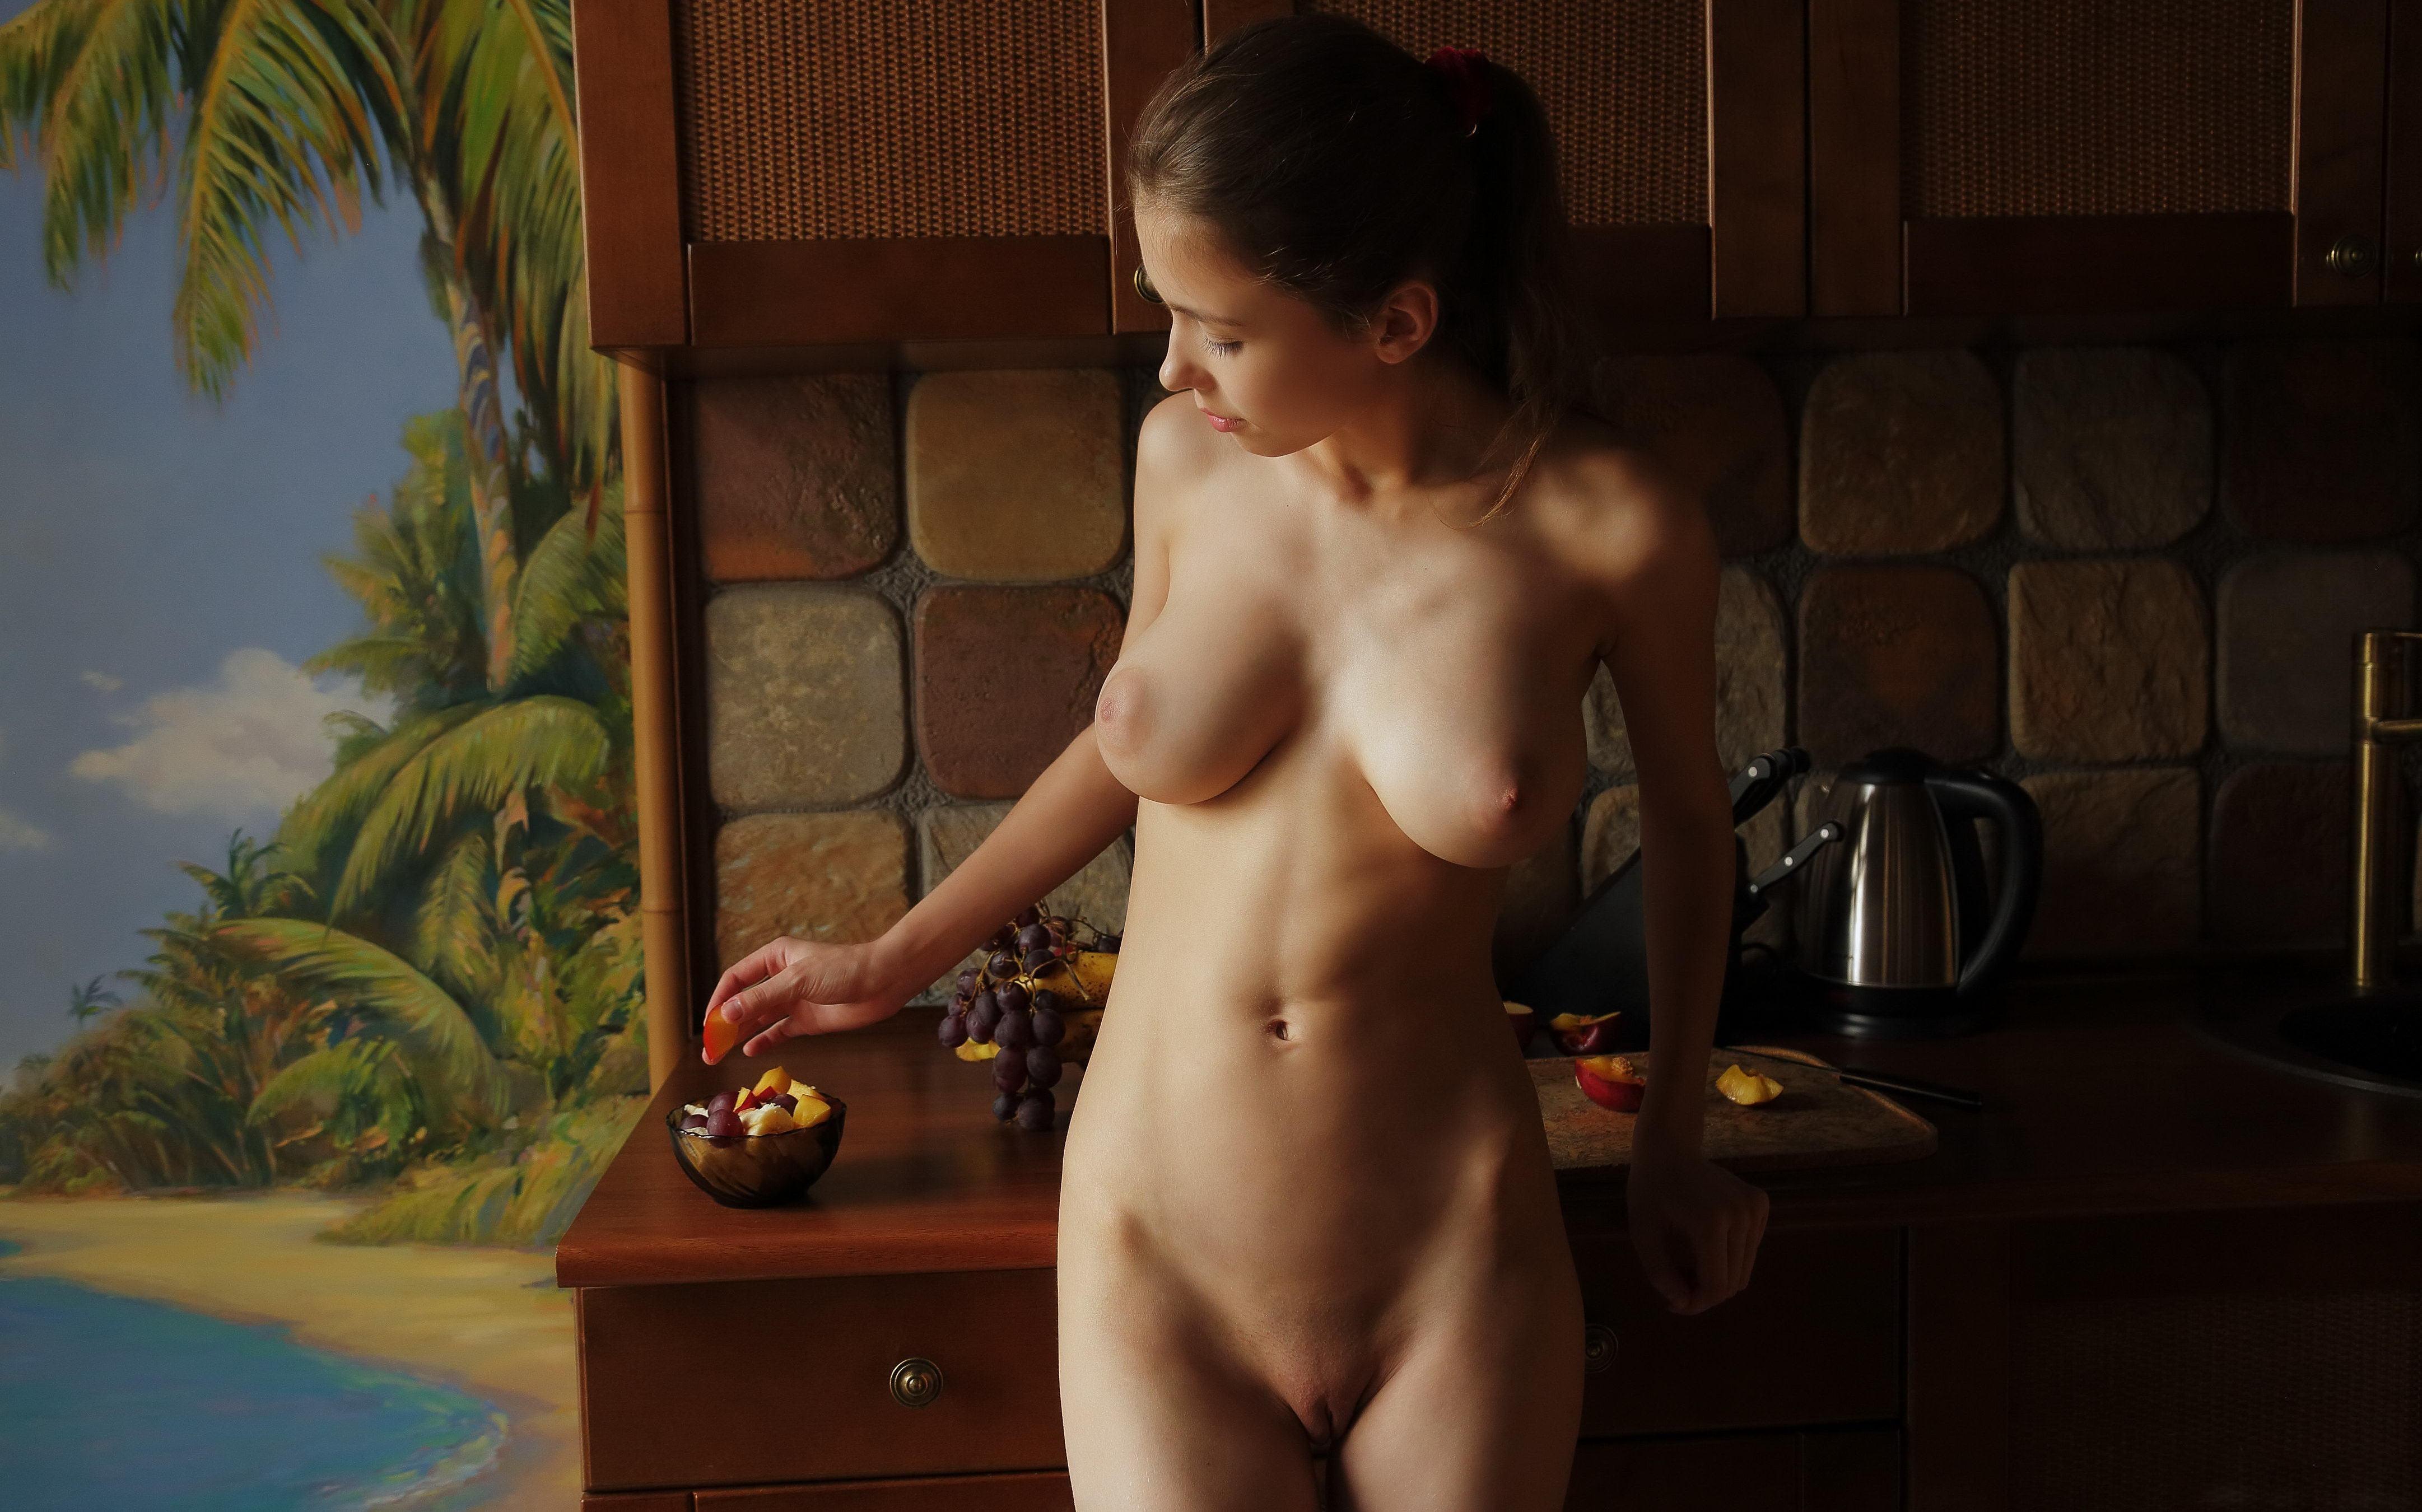 Фото Голая жена на кухне, обнаженная девушка у кухонного стола с фруктами, скачать картинку бесплатно